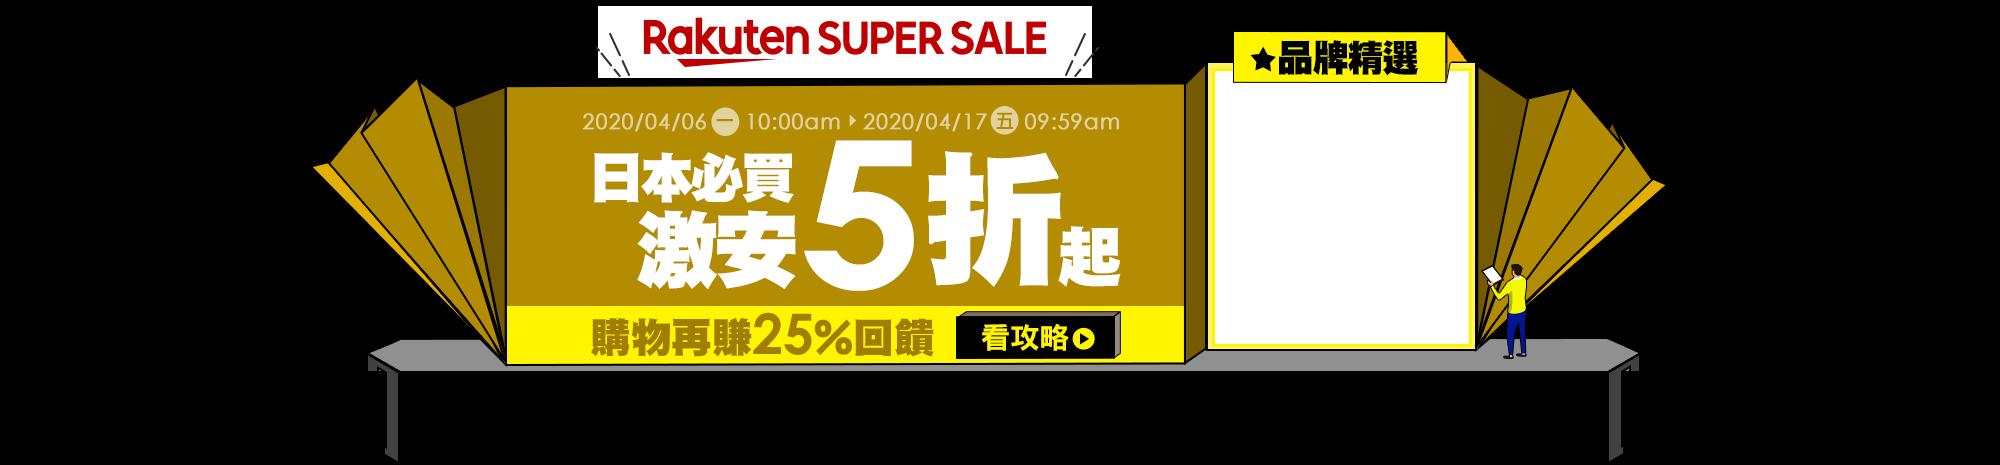 樂天SUPER SALE!日本必買商品5折起,滿額賺25%回饋